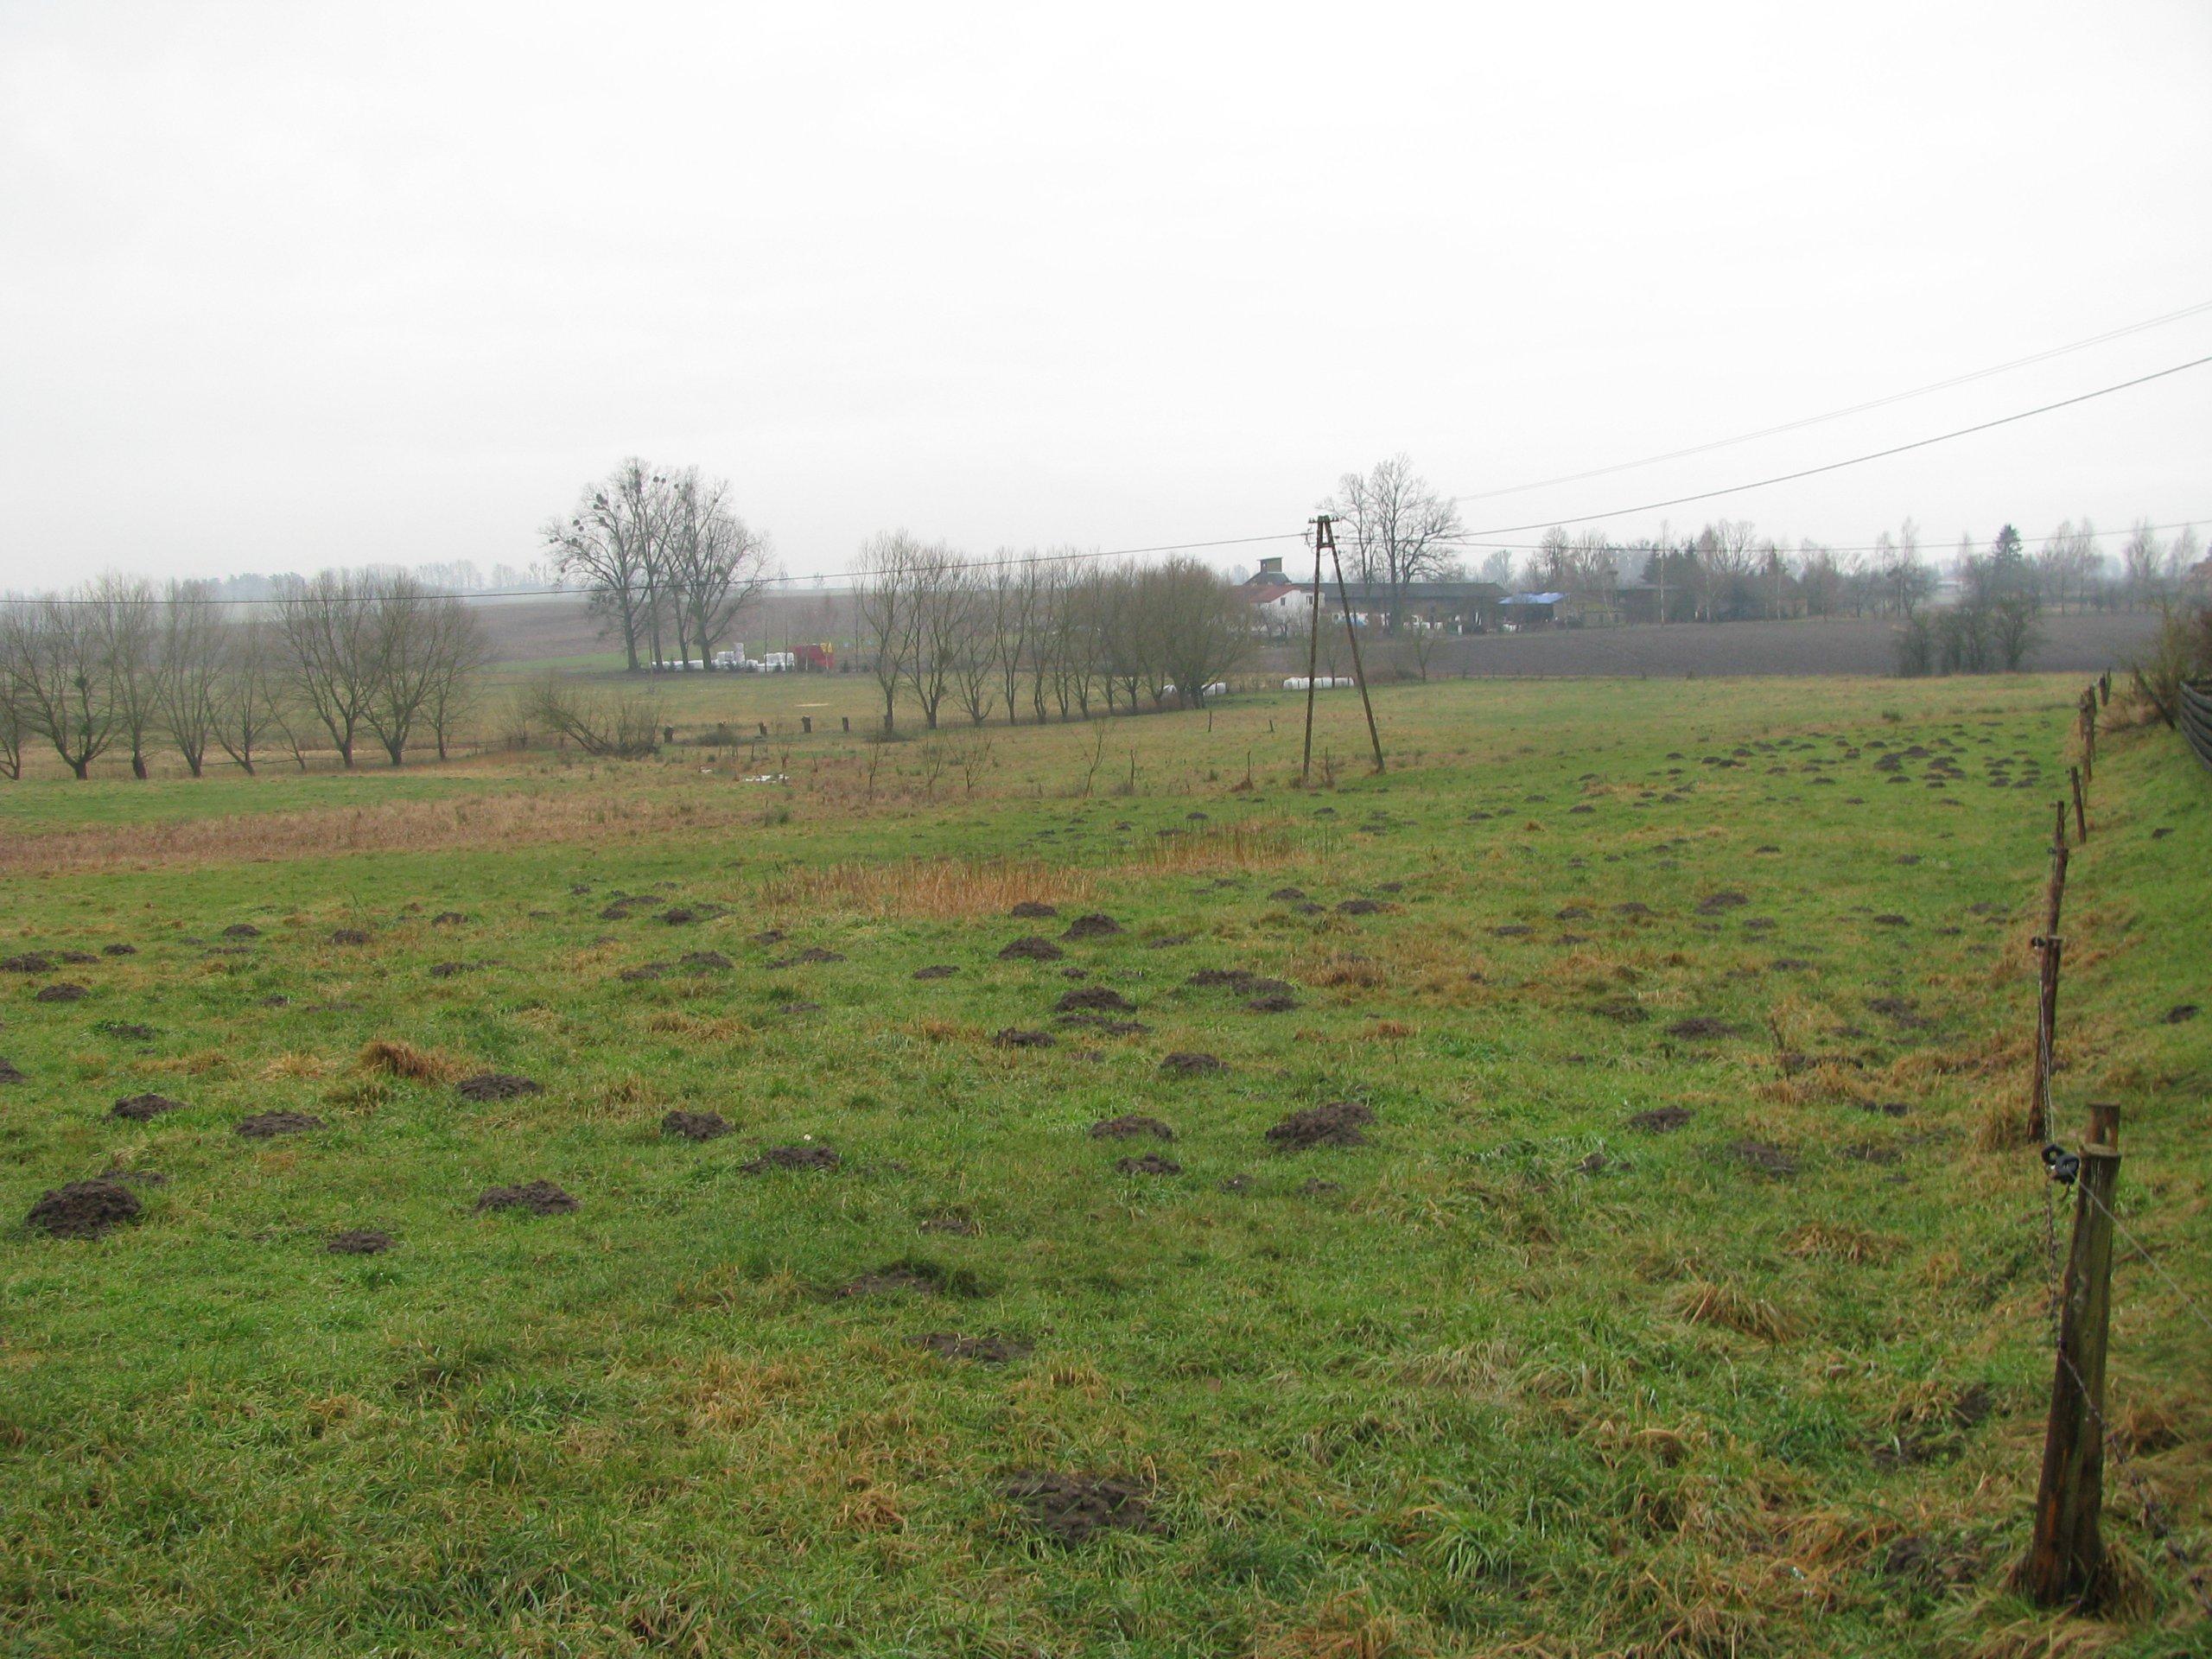 Działka rolna, Smolajny, Dobre Miasto, 1.2900 ha